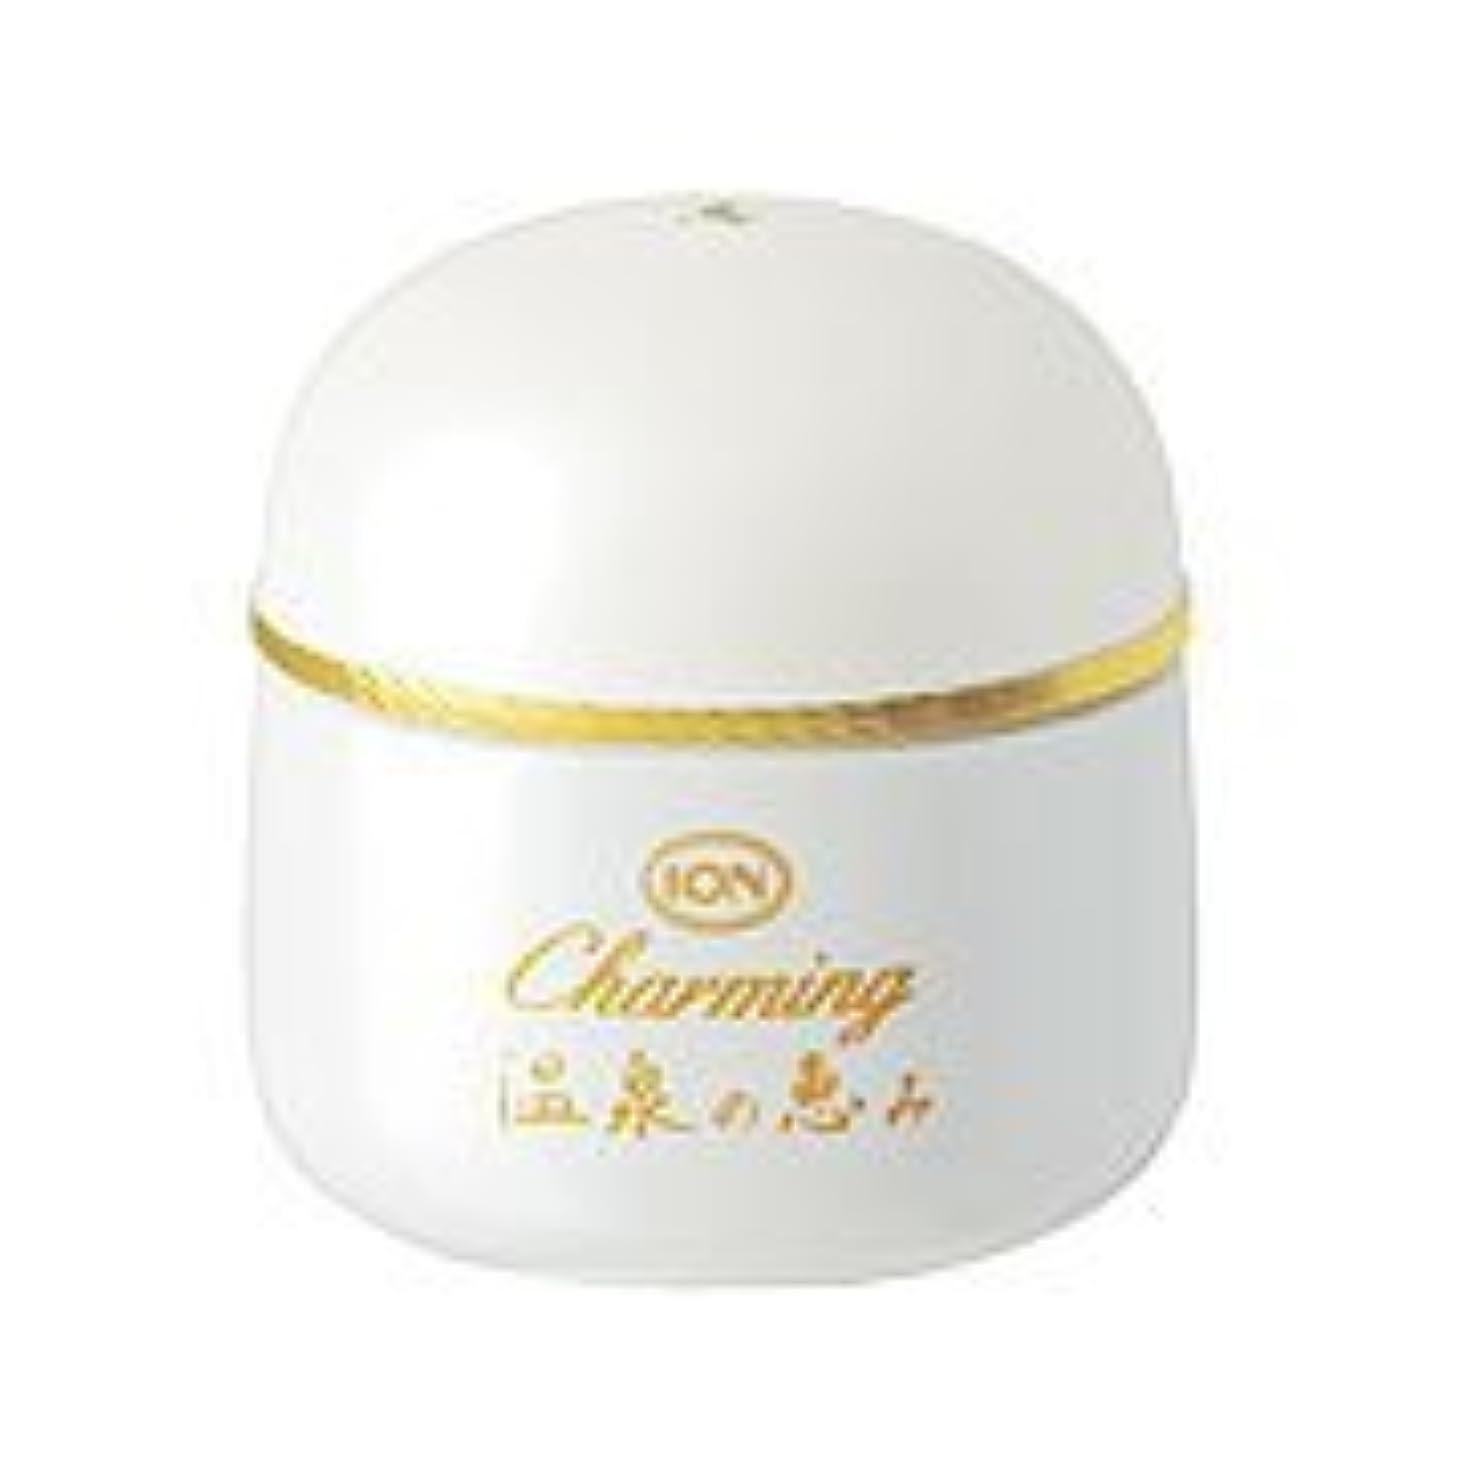 セッティングゴージャス賞賛するイオン化粧品 チャーミングステージ 40g